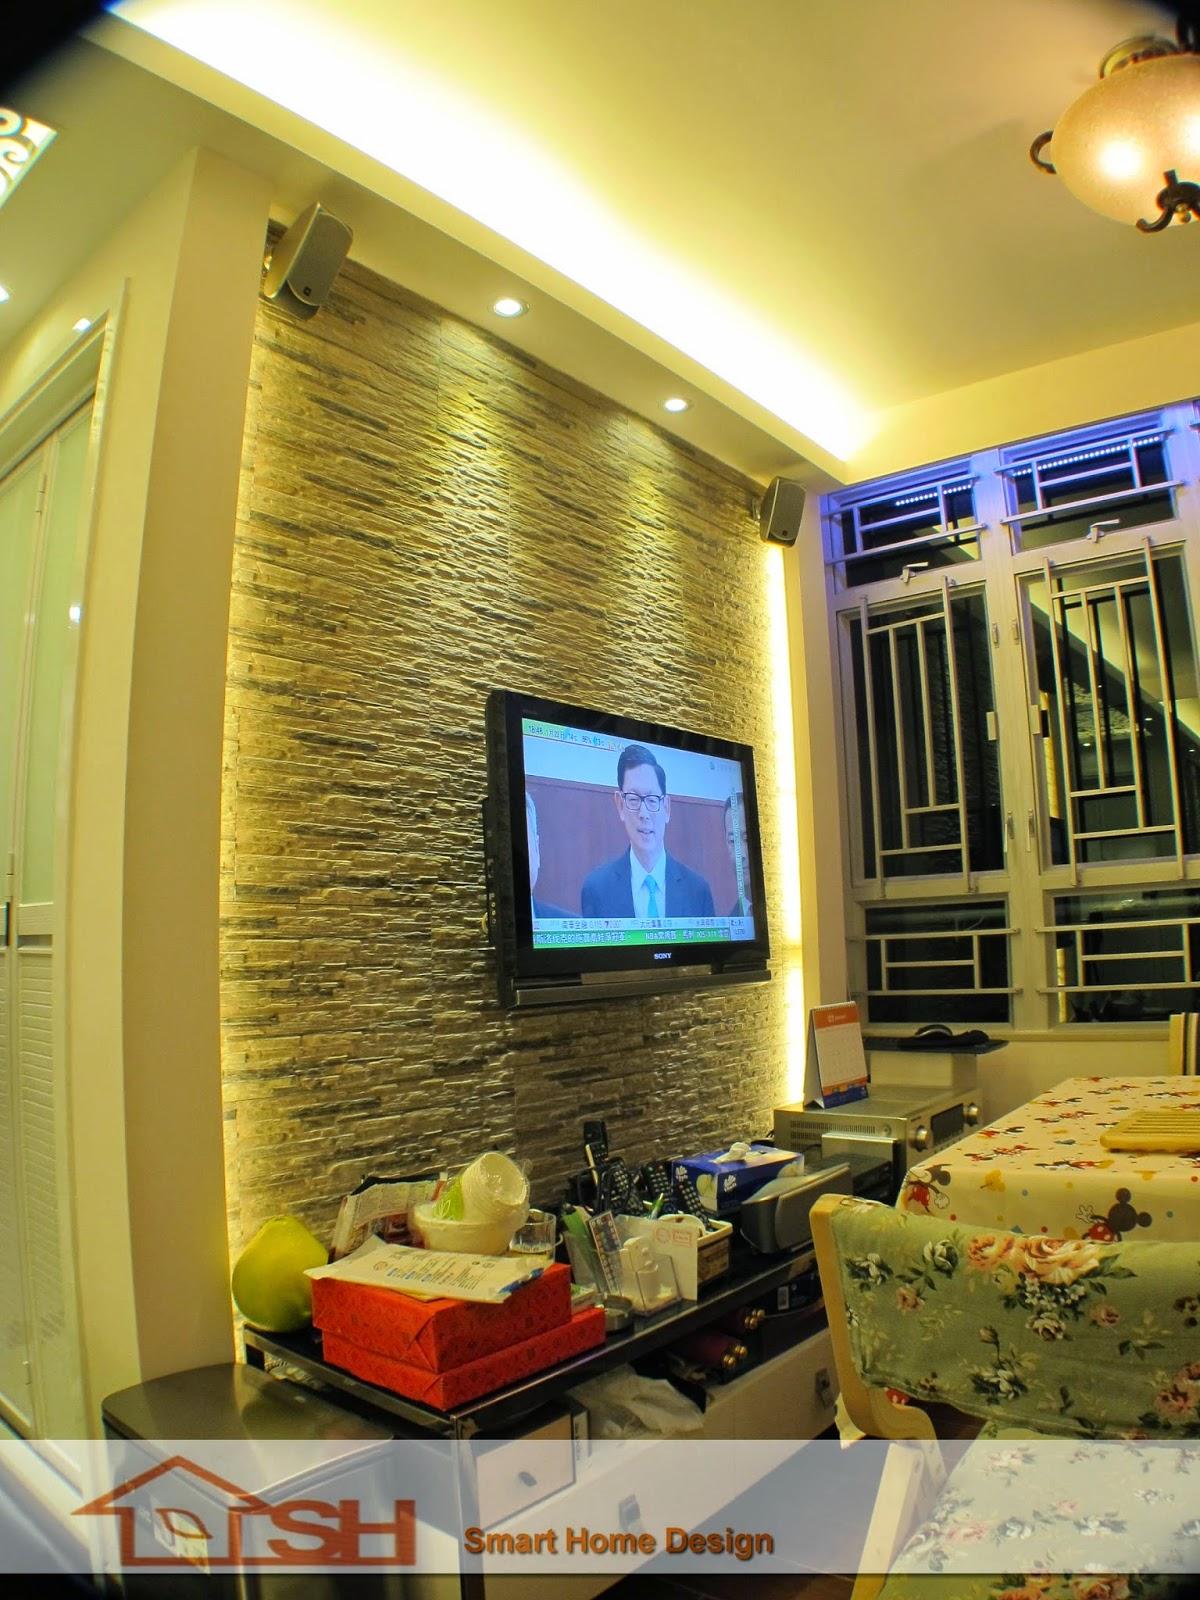 smart home design 2015. Black Bedroom Furniture Sets. Home Design Ideas